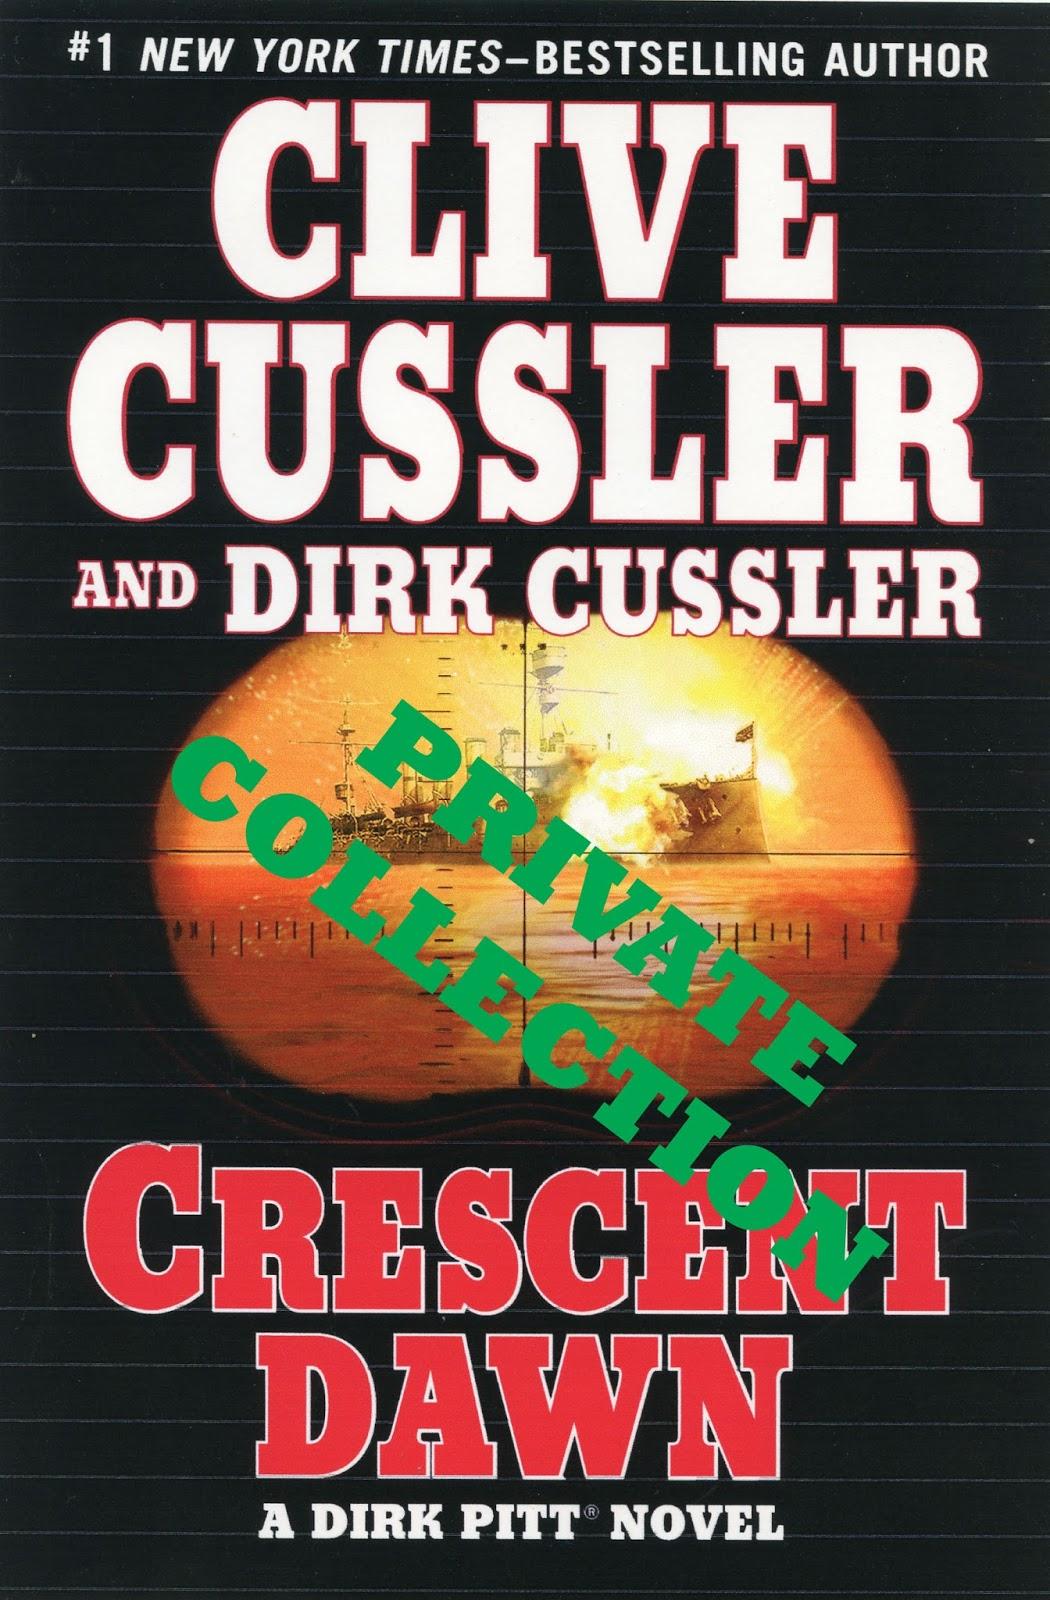 Clive cussler novel movie 1980